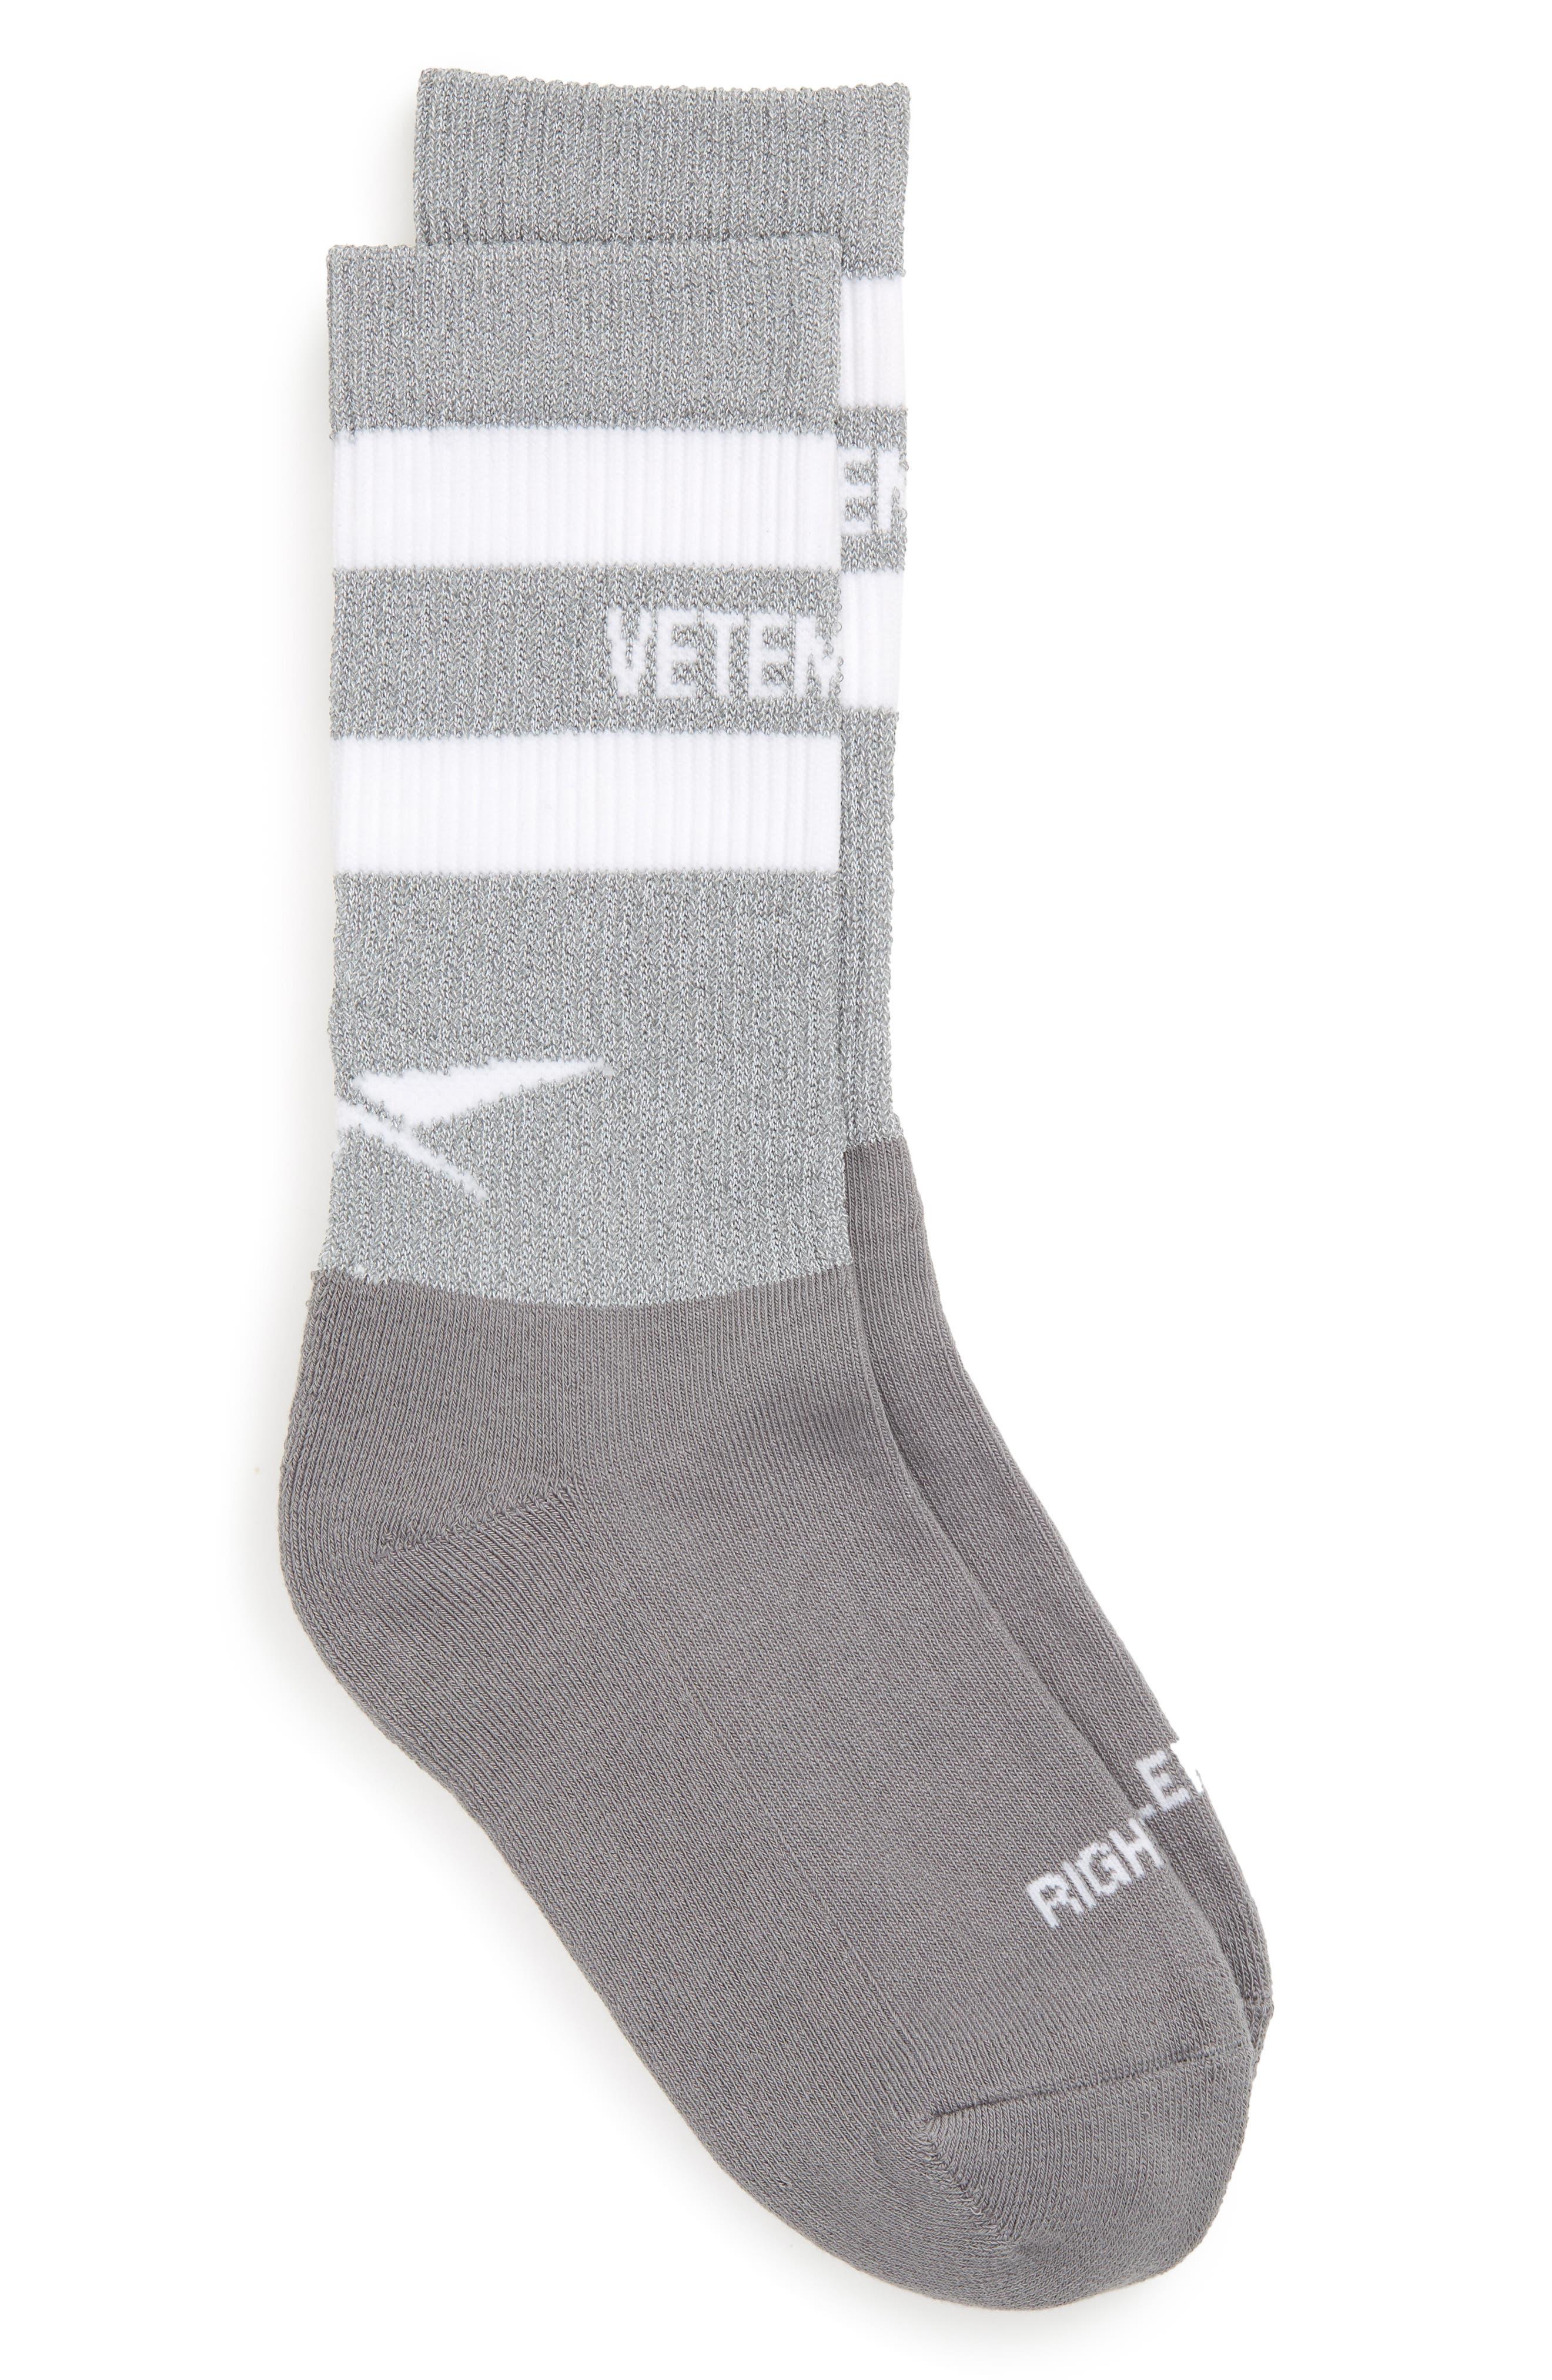 Reflective Socks,                             Main thumbnail 1, color,                             020